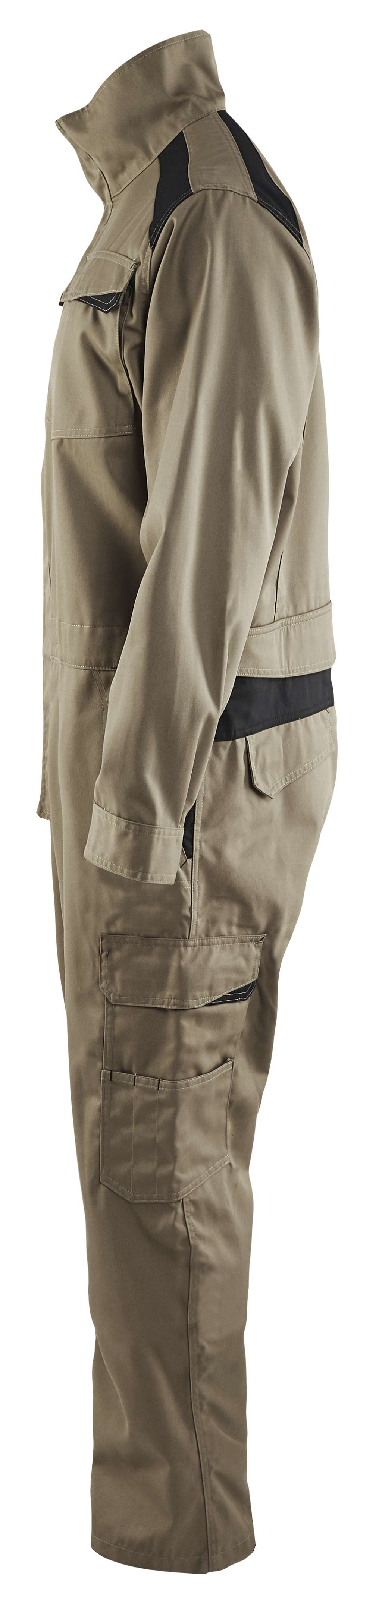 Blaklader Overalls 60541800 khaki-zwart(2499)